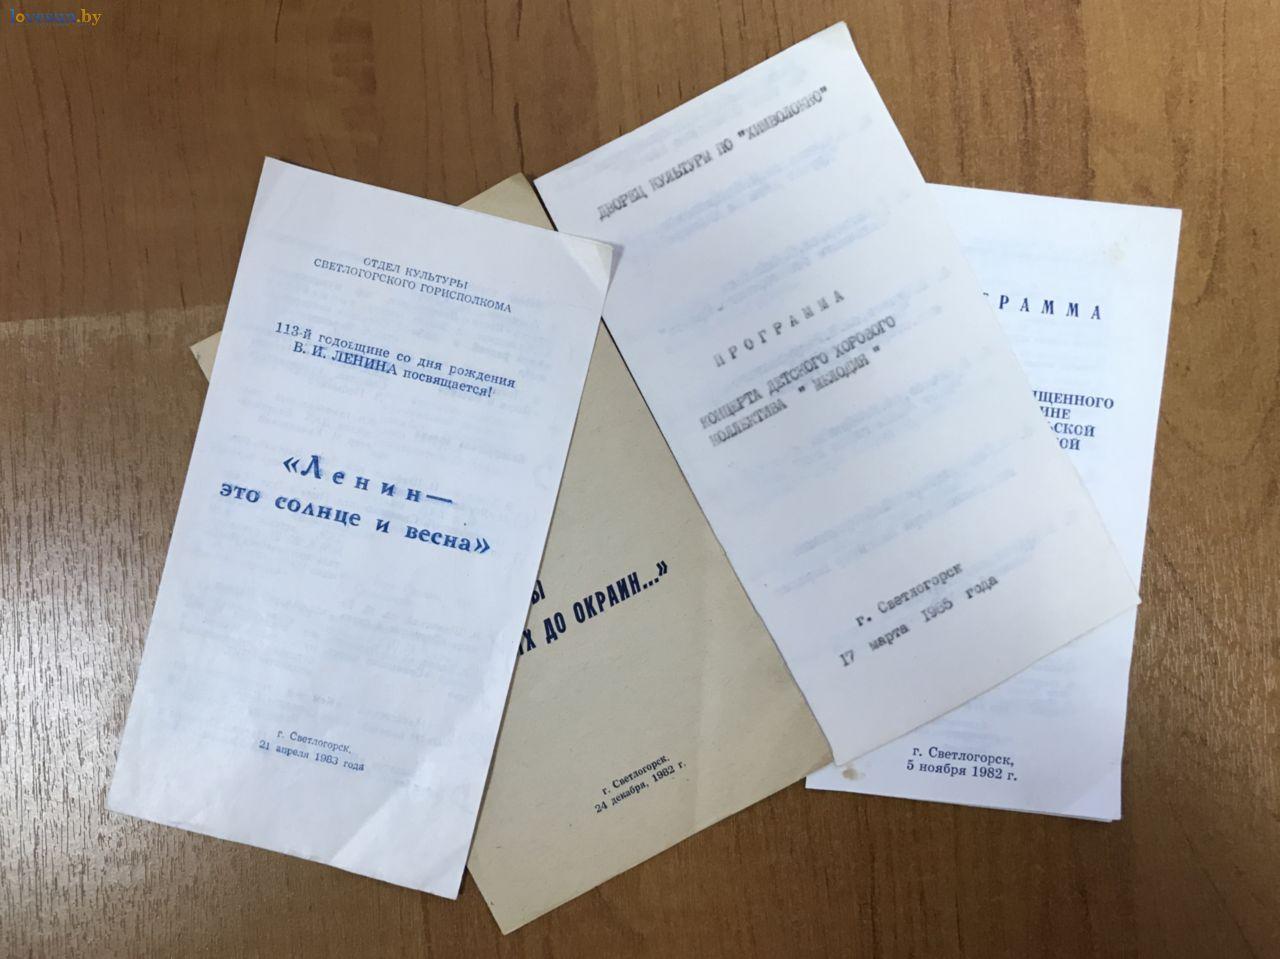 Обложки печатных программ мероприятий 1980-х годов